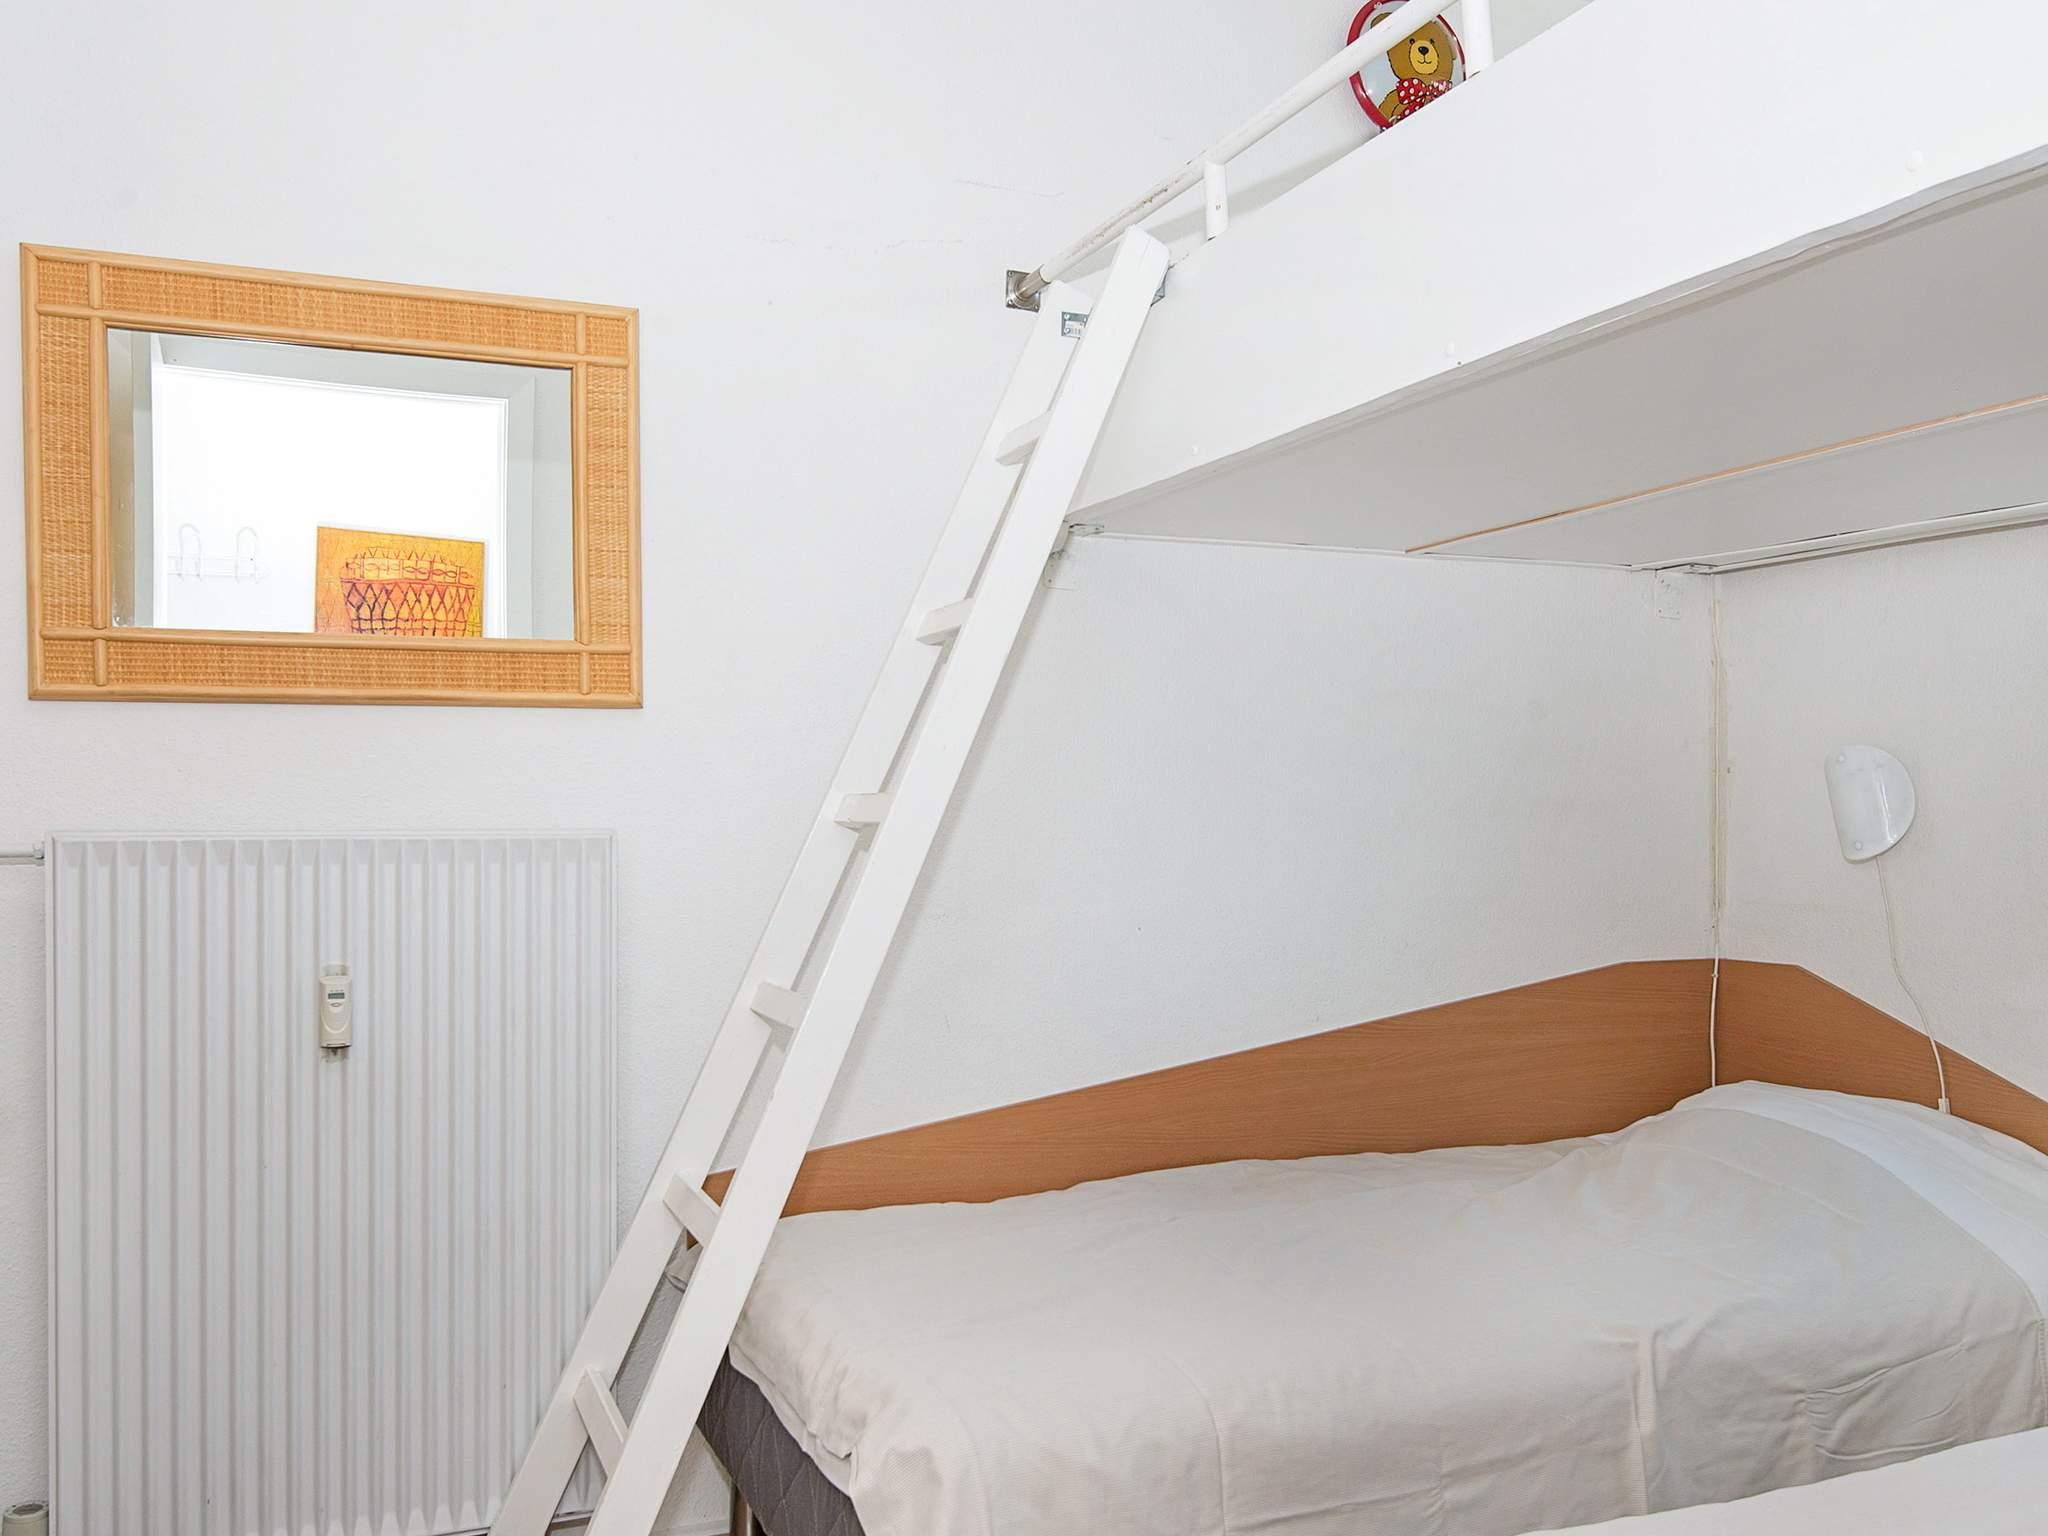 Ferienwohnung Bønnerup Strand - Typ 5 - 3 Zimmer,1.stock,Penthouse (1719346), Bønnerup, , Ostjütland, Dänemark, Bild 9